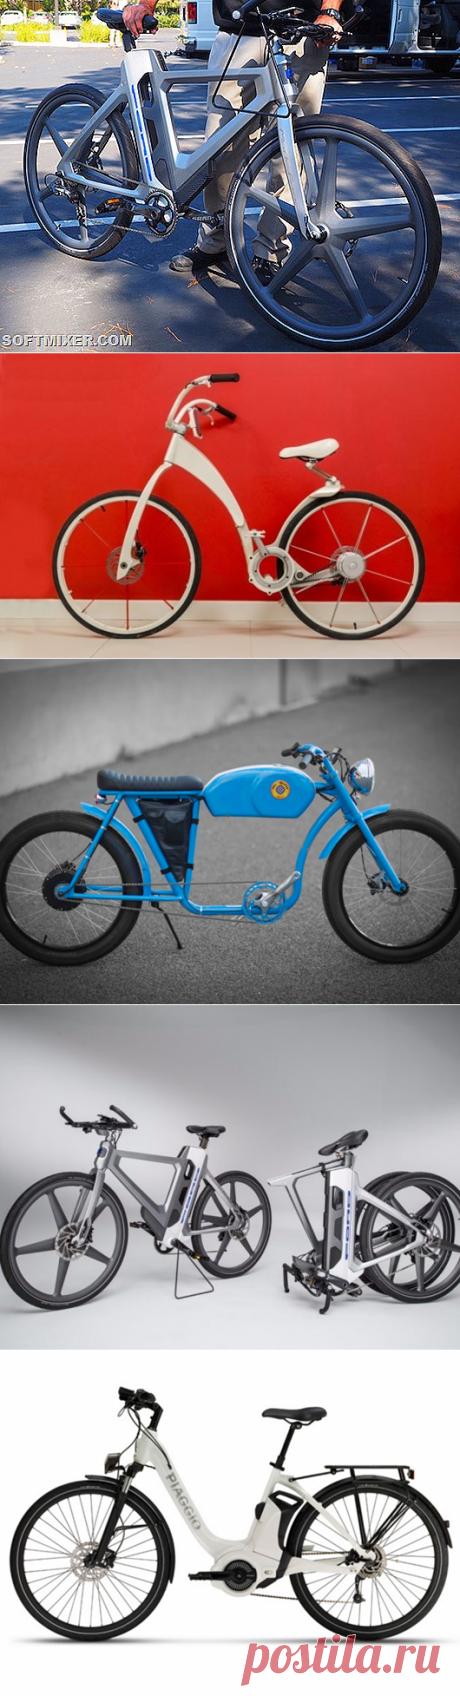 Велосипеды ближайшего будущего | SOFTMIXER